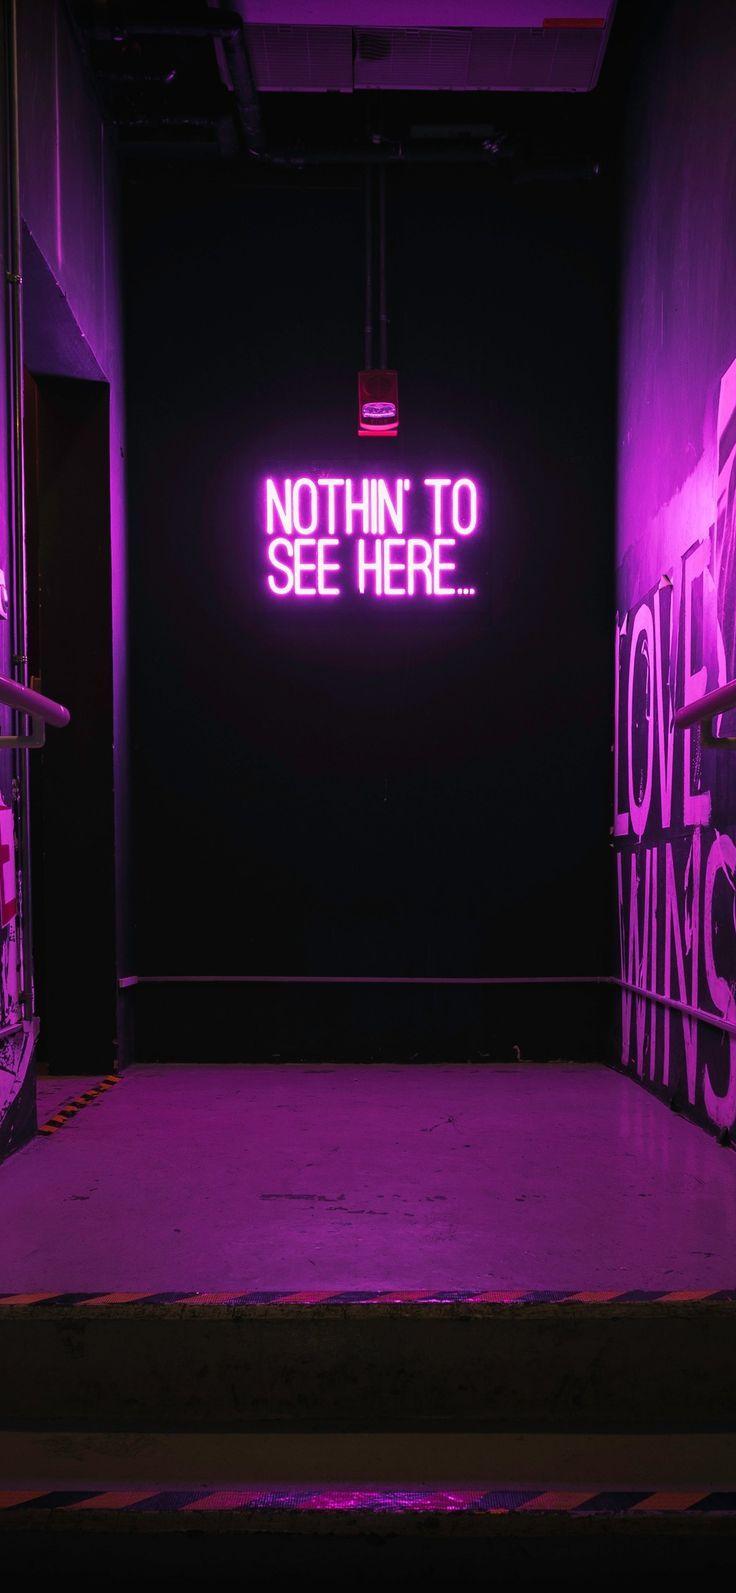 Iphone X Neon Wallpaper Hd   21D Wallpapers  Iphone X Neon ...